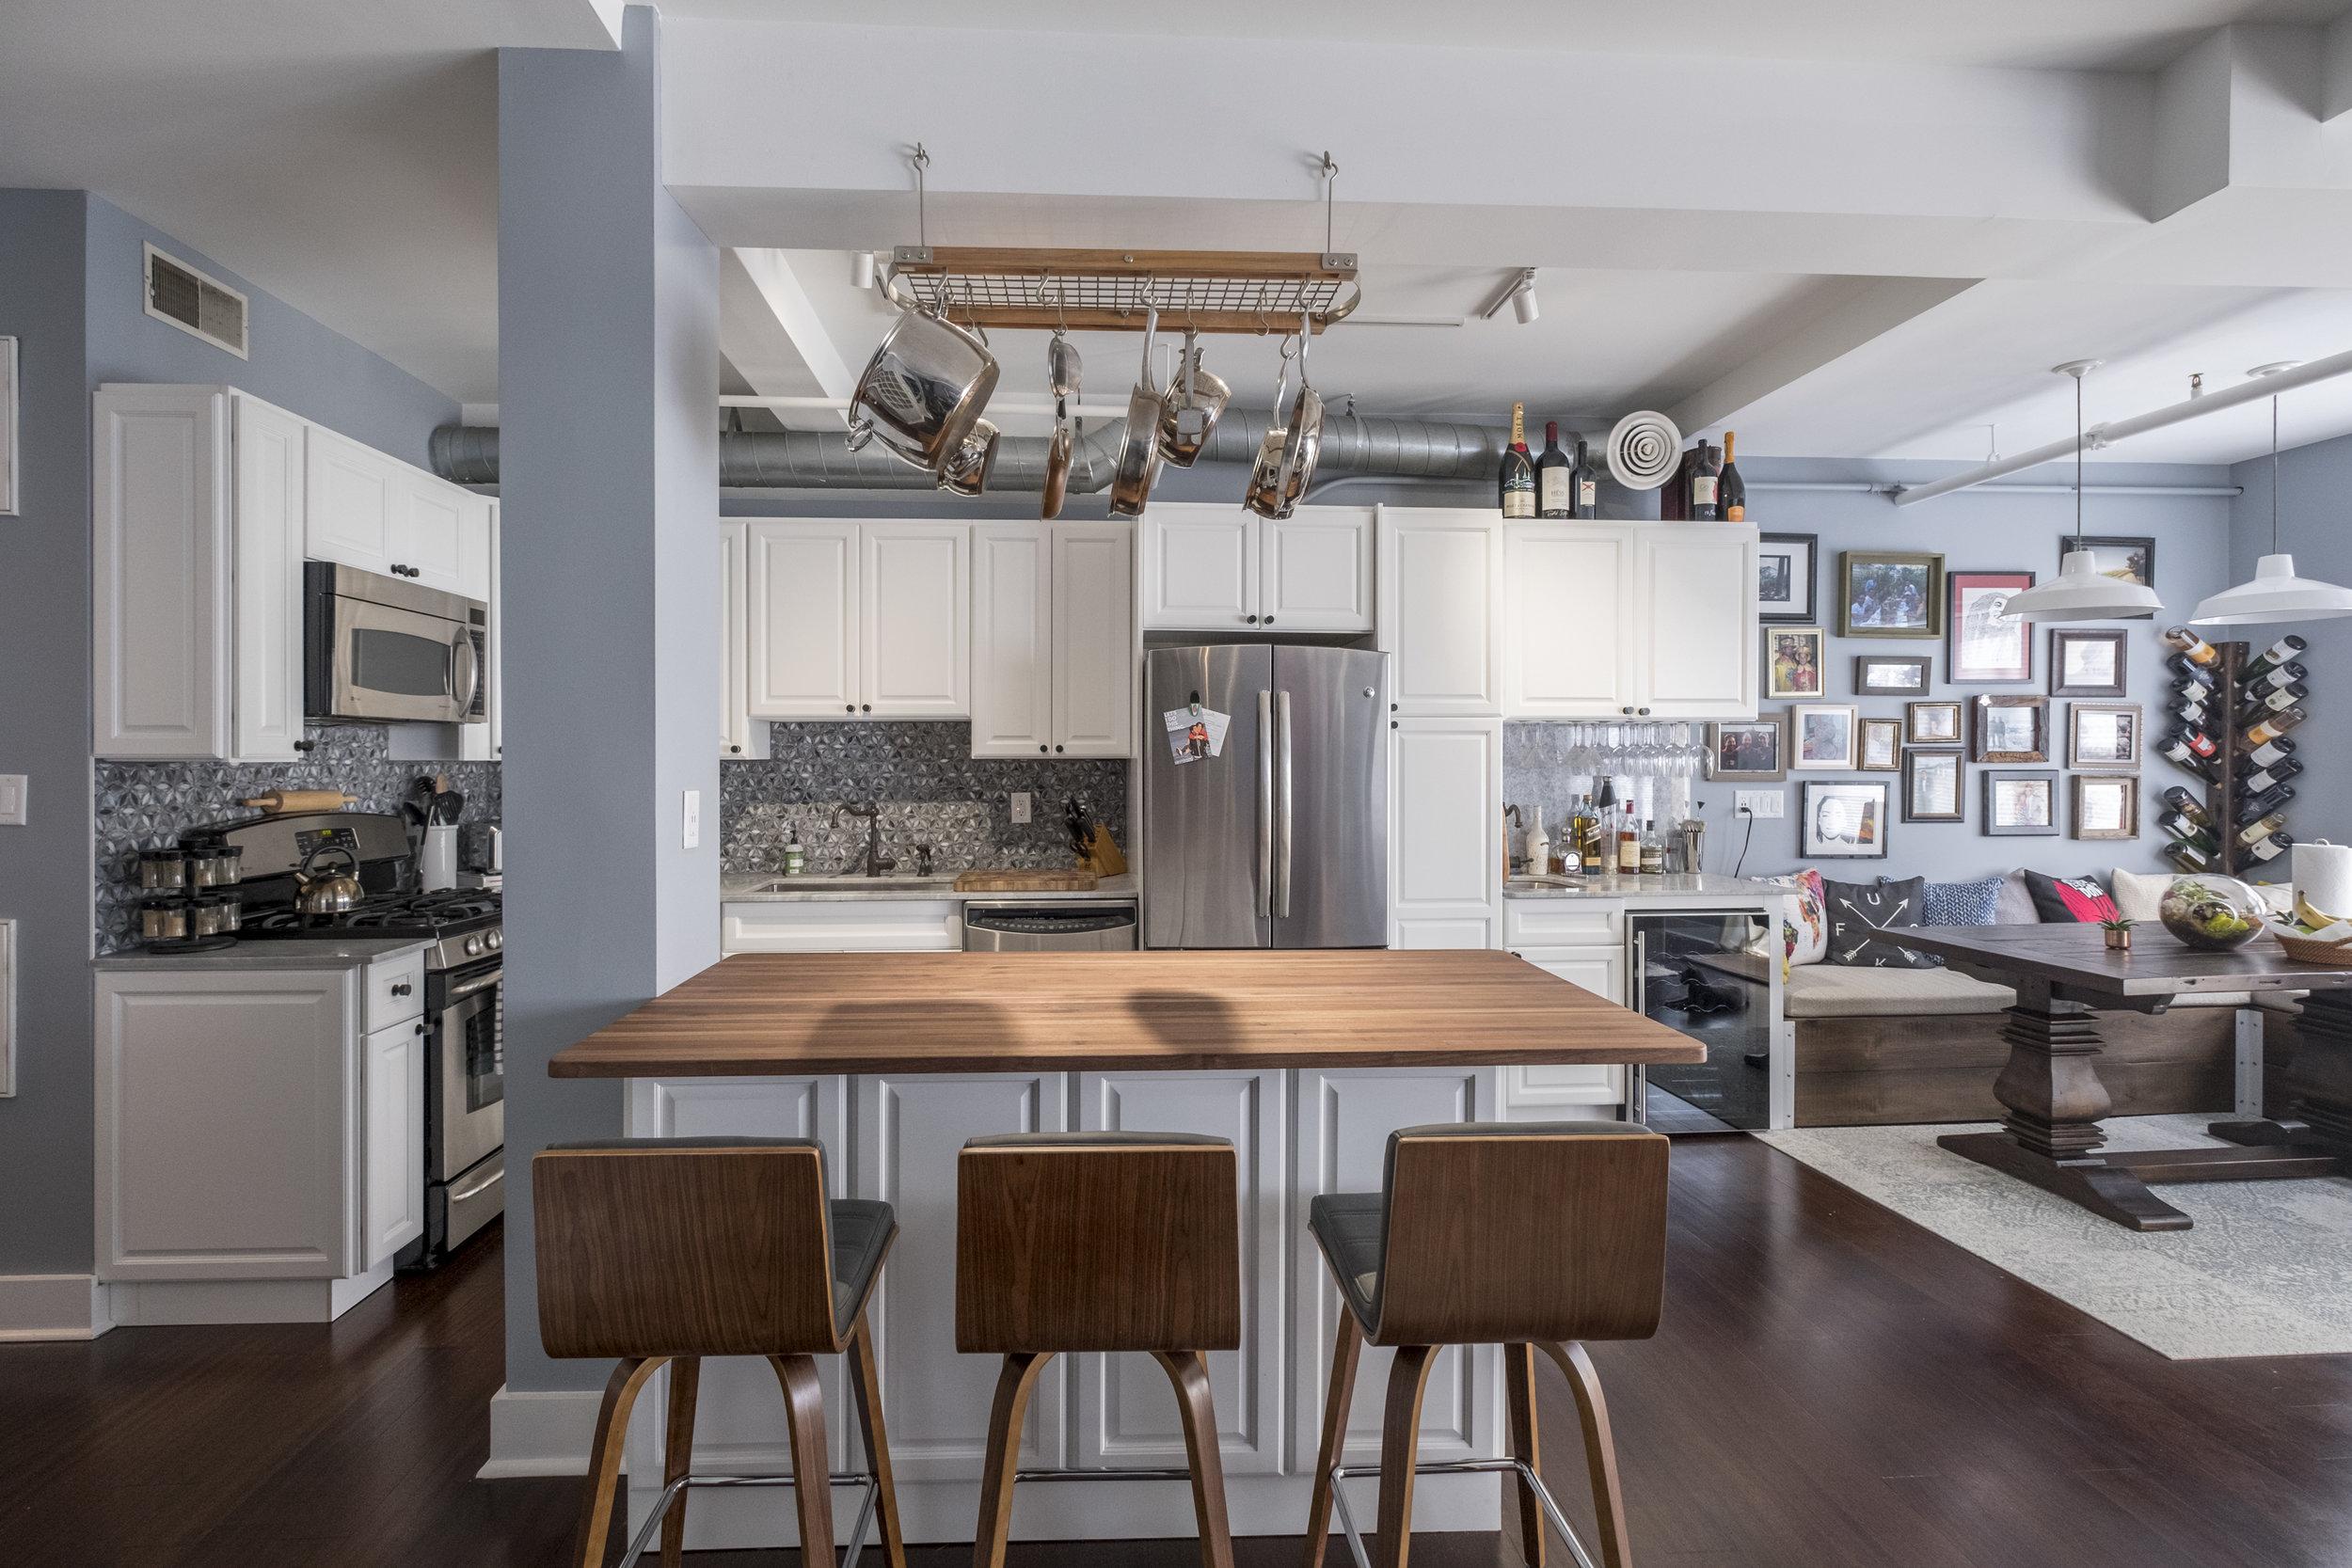 checket-kitchen-4.jpg